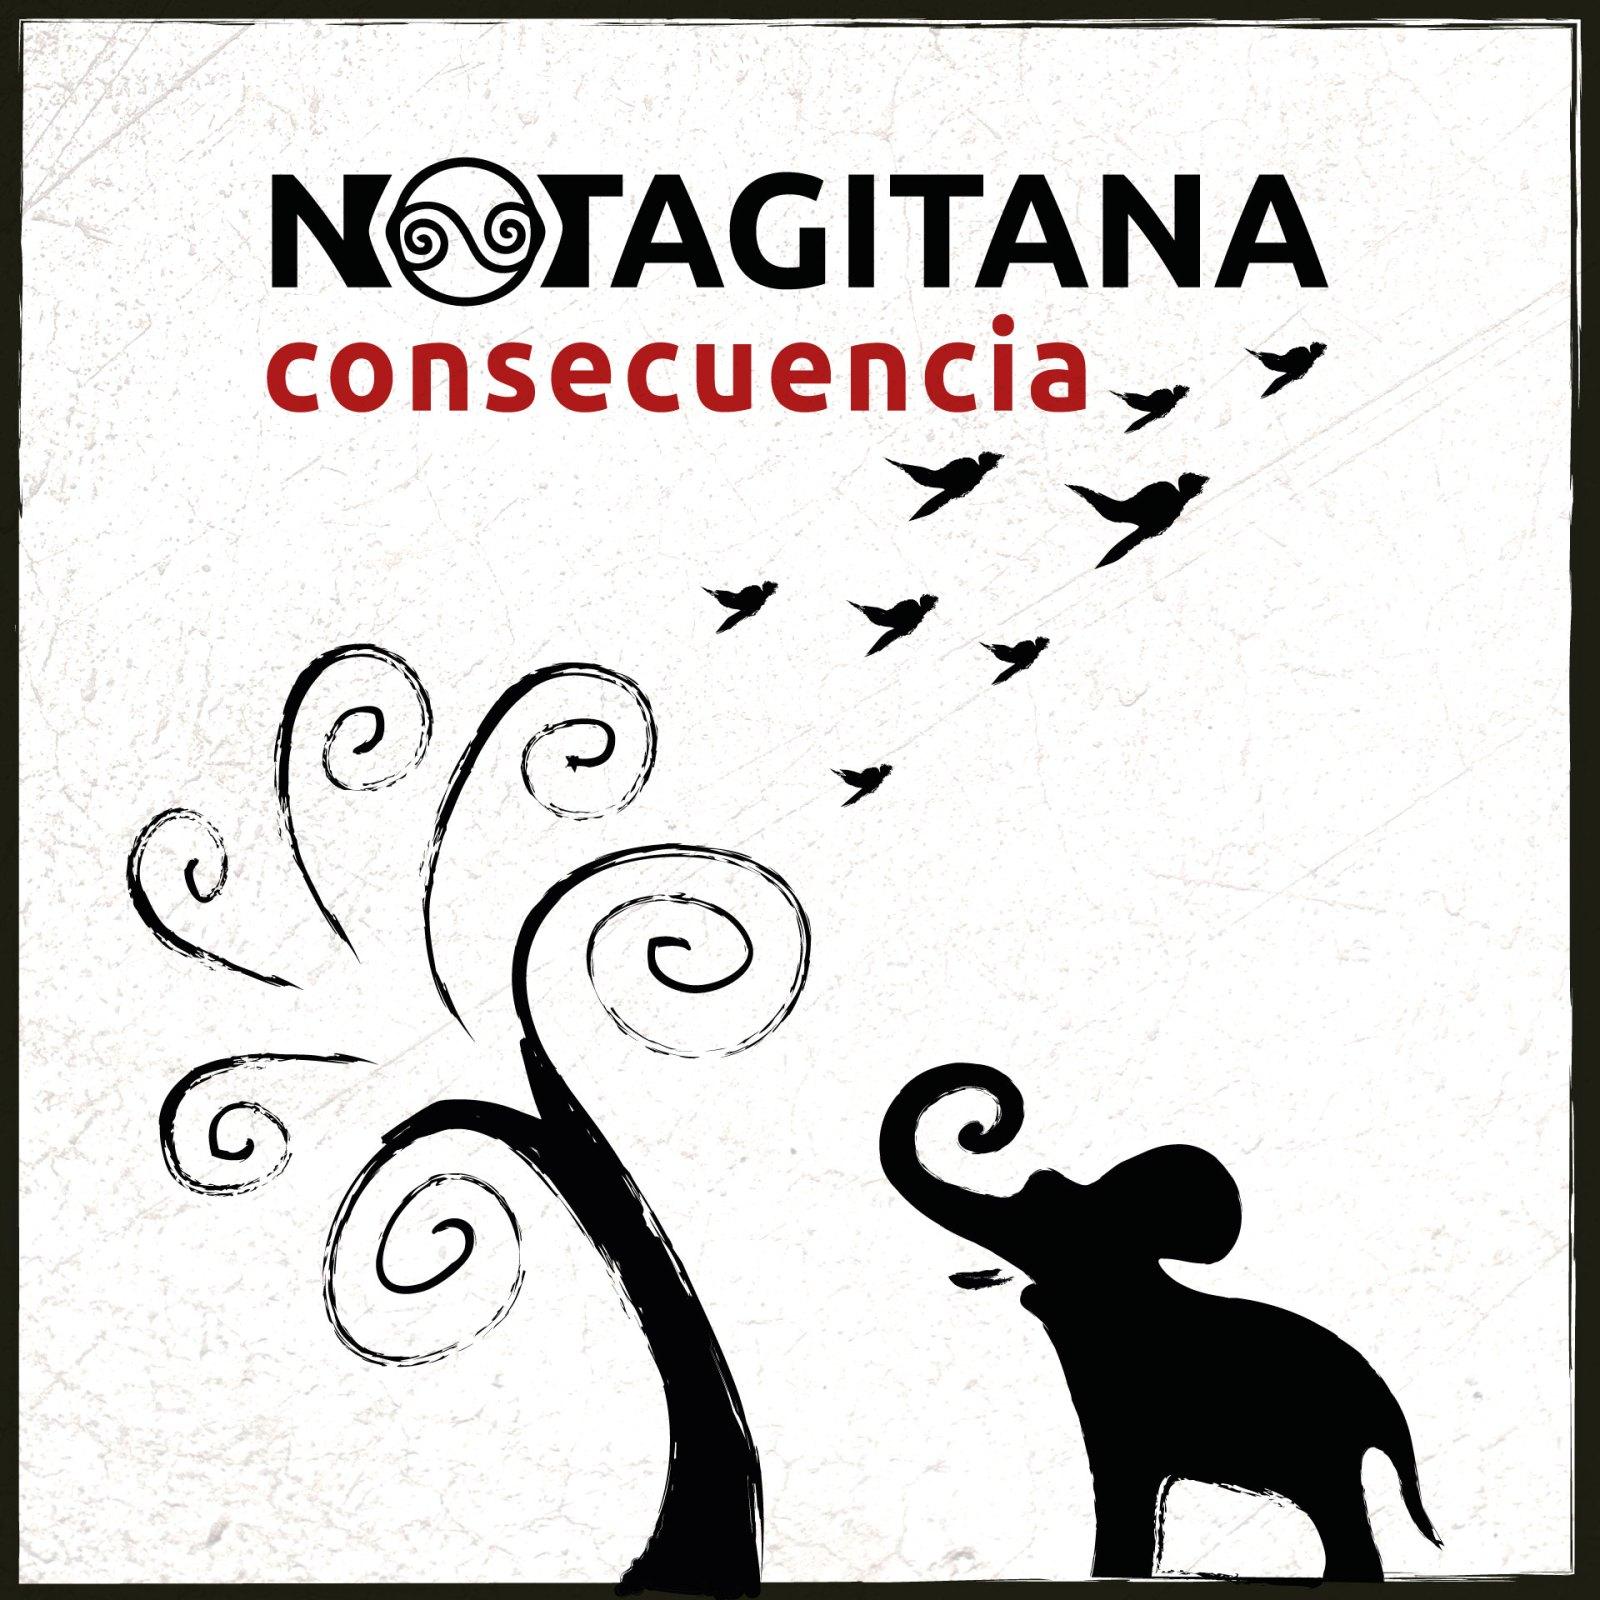 E' uscito Consecuencia dei Notagitana